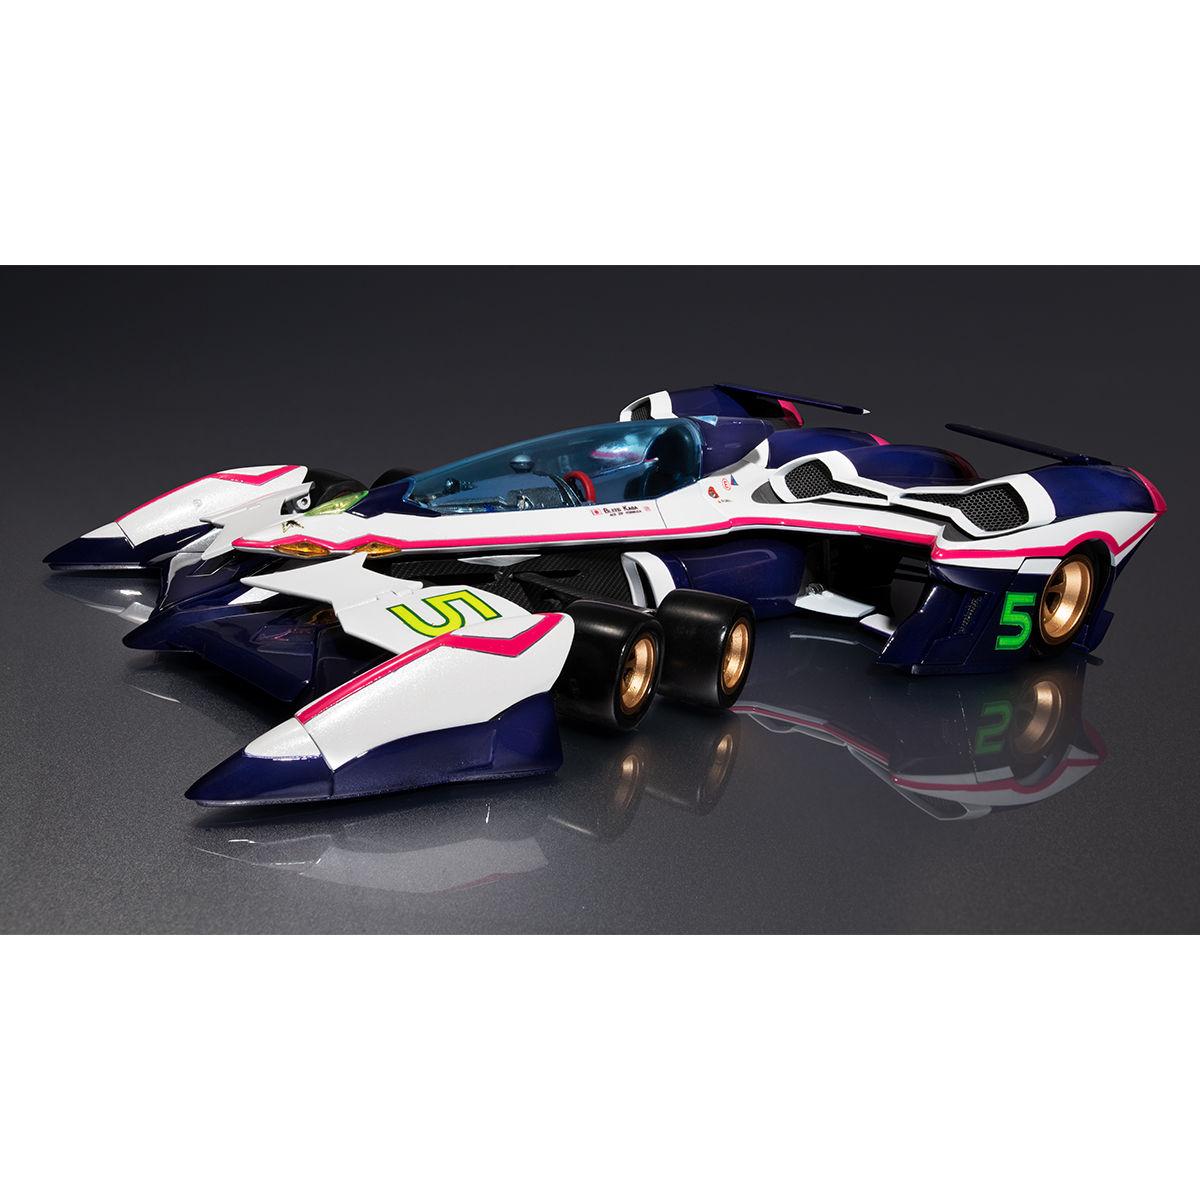 ヴァリアブルアクション Hi-SPEC『凰呀 AN-21』新世紀GPXサイバーフォーミュラ 1/18 可動モデル-003